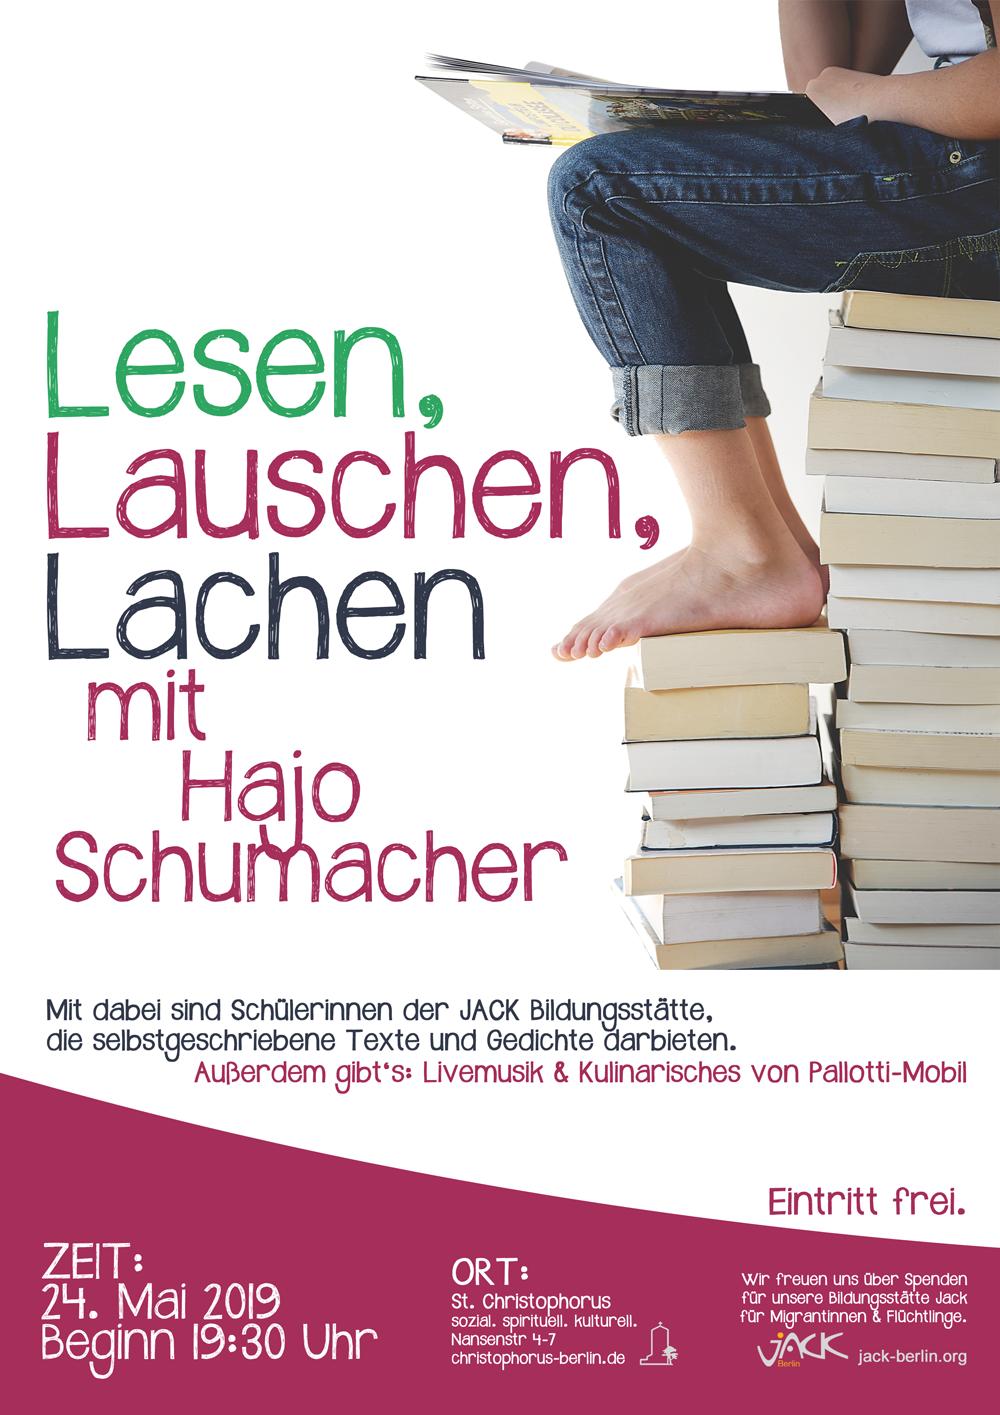 Lesen, lauschen, lachen mit Hajo Schumacher @ St. Christophorus | Berlin | Berlin | Deutschland